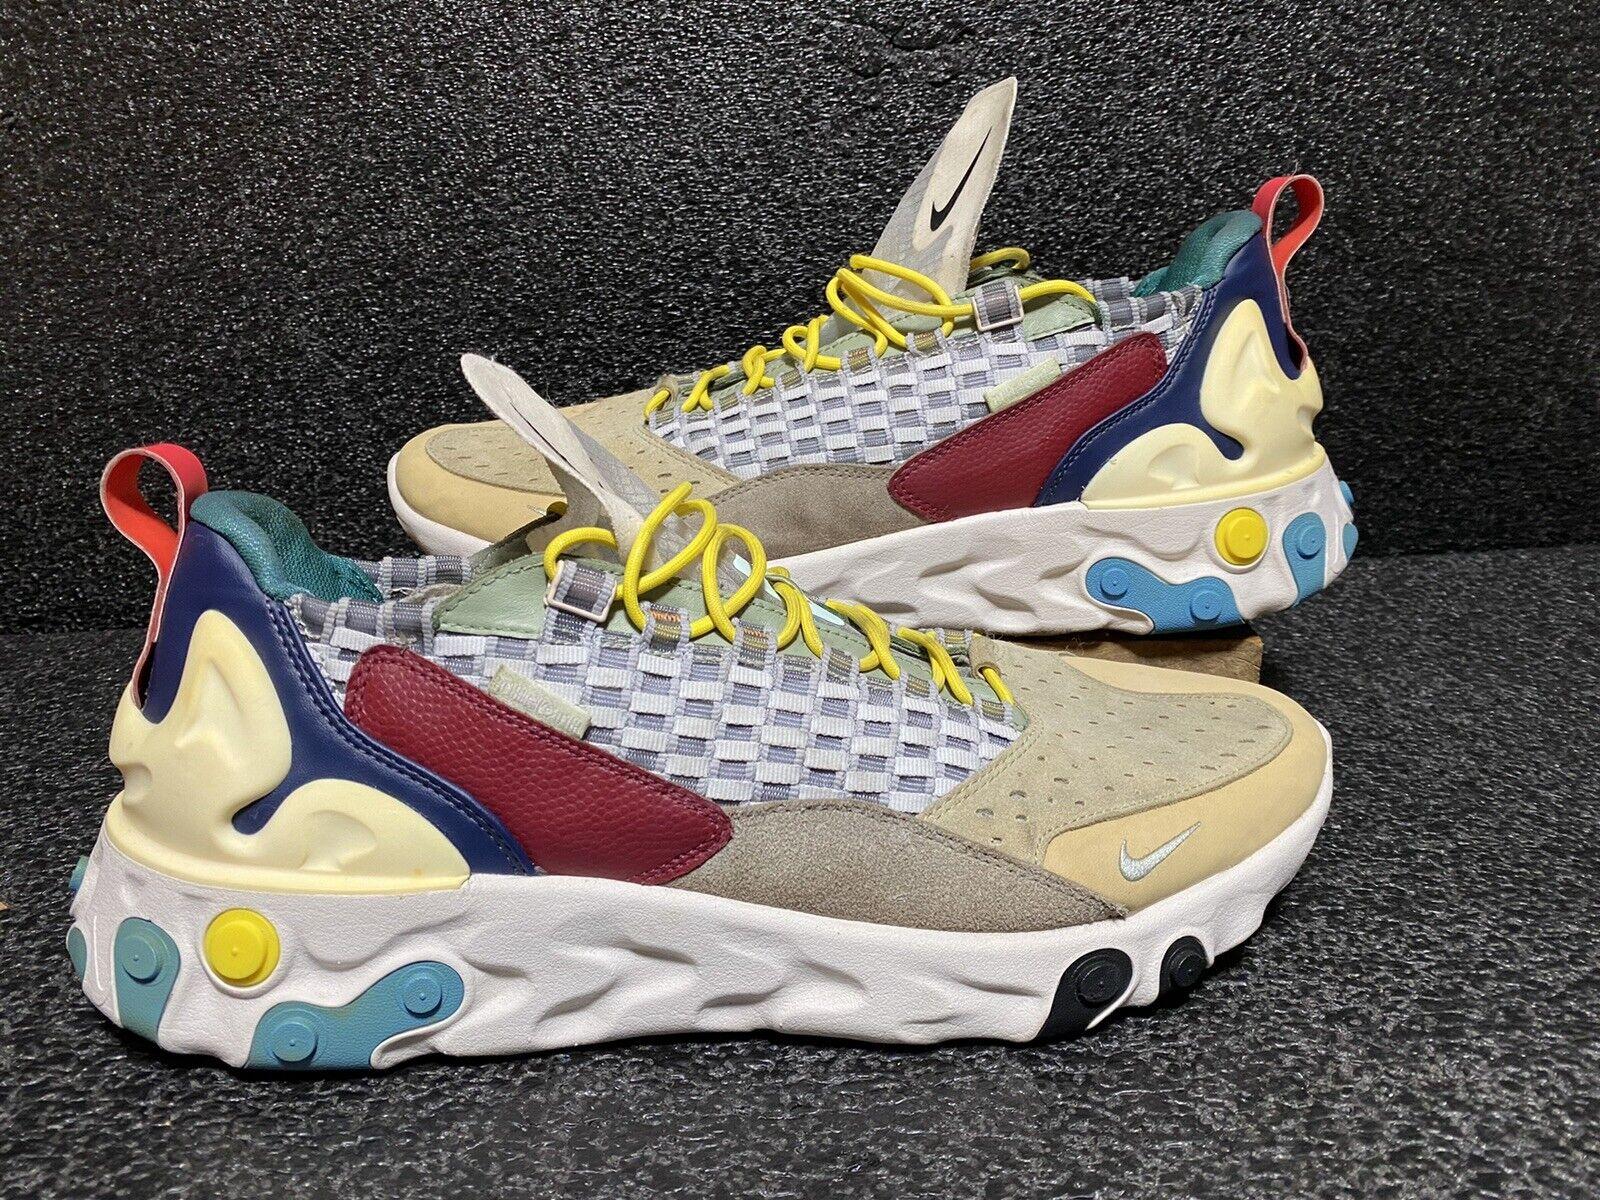 [AT5301-001] Nike React Sertu Wolf Grey/Teal Tint-Pumice Men's Size 14